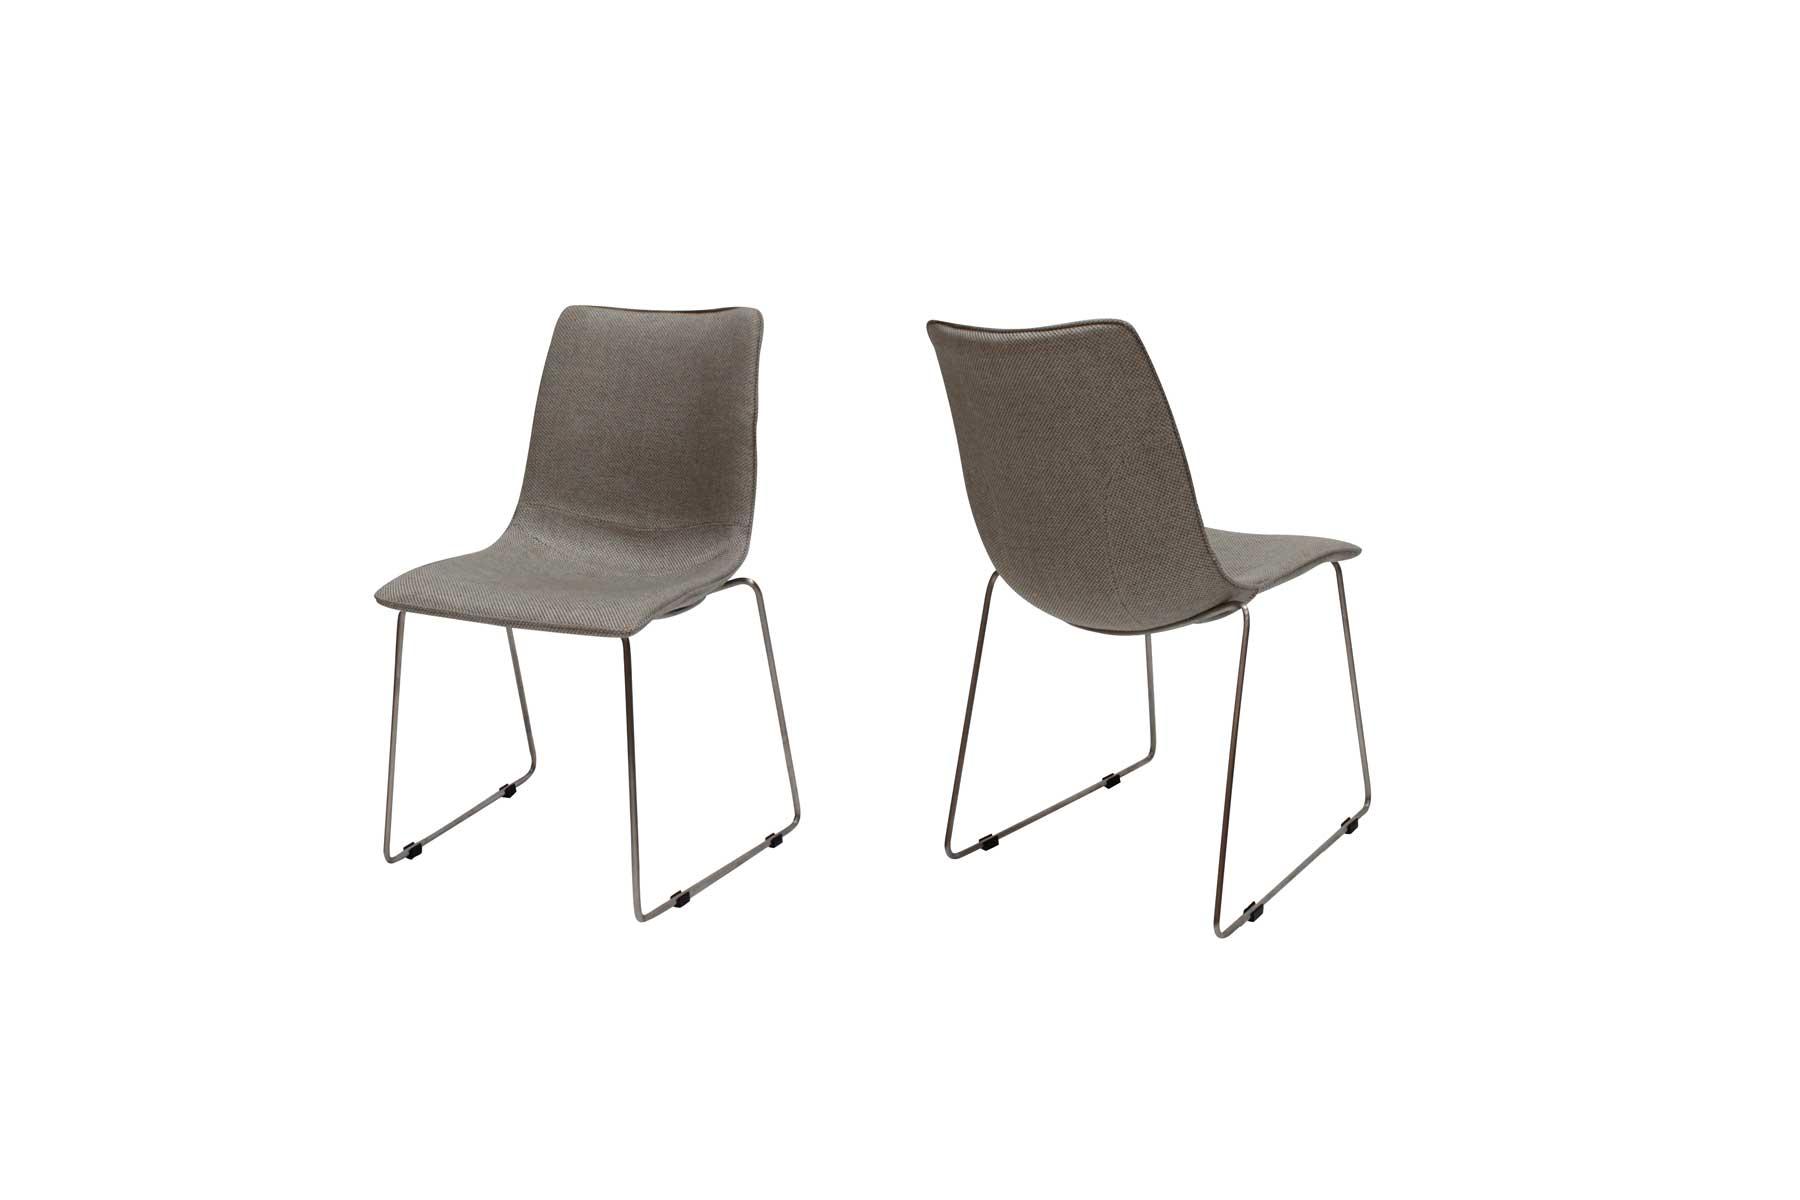 Billede af Delta stol i lysegrå